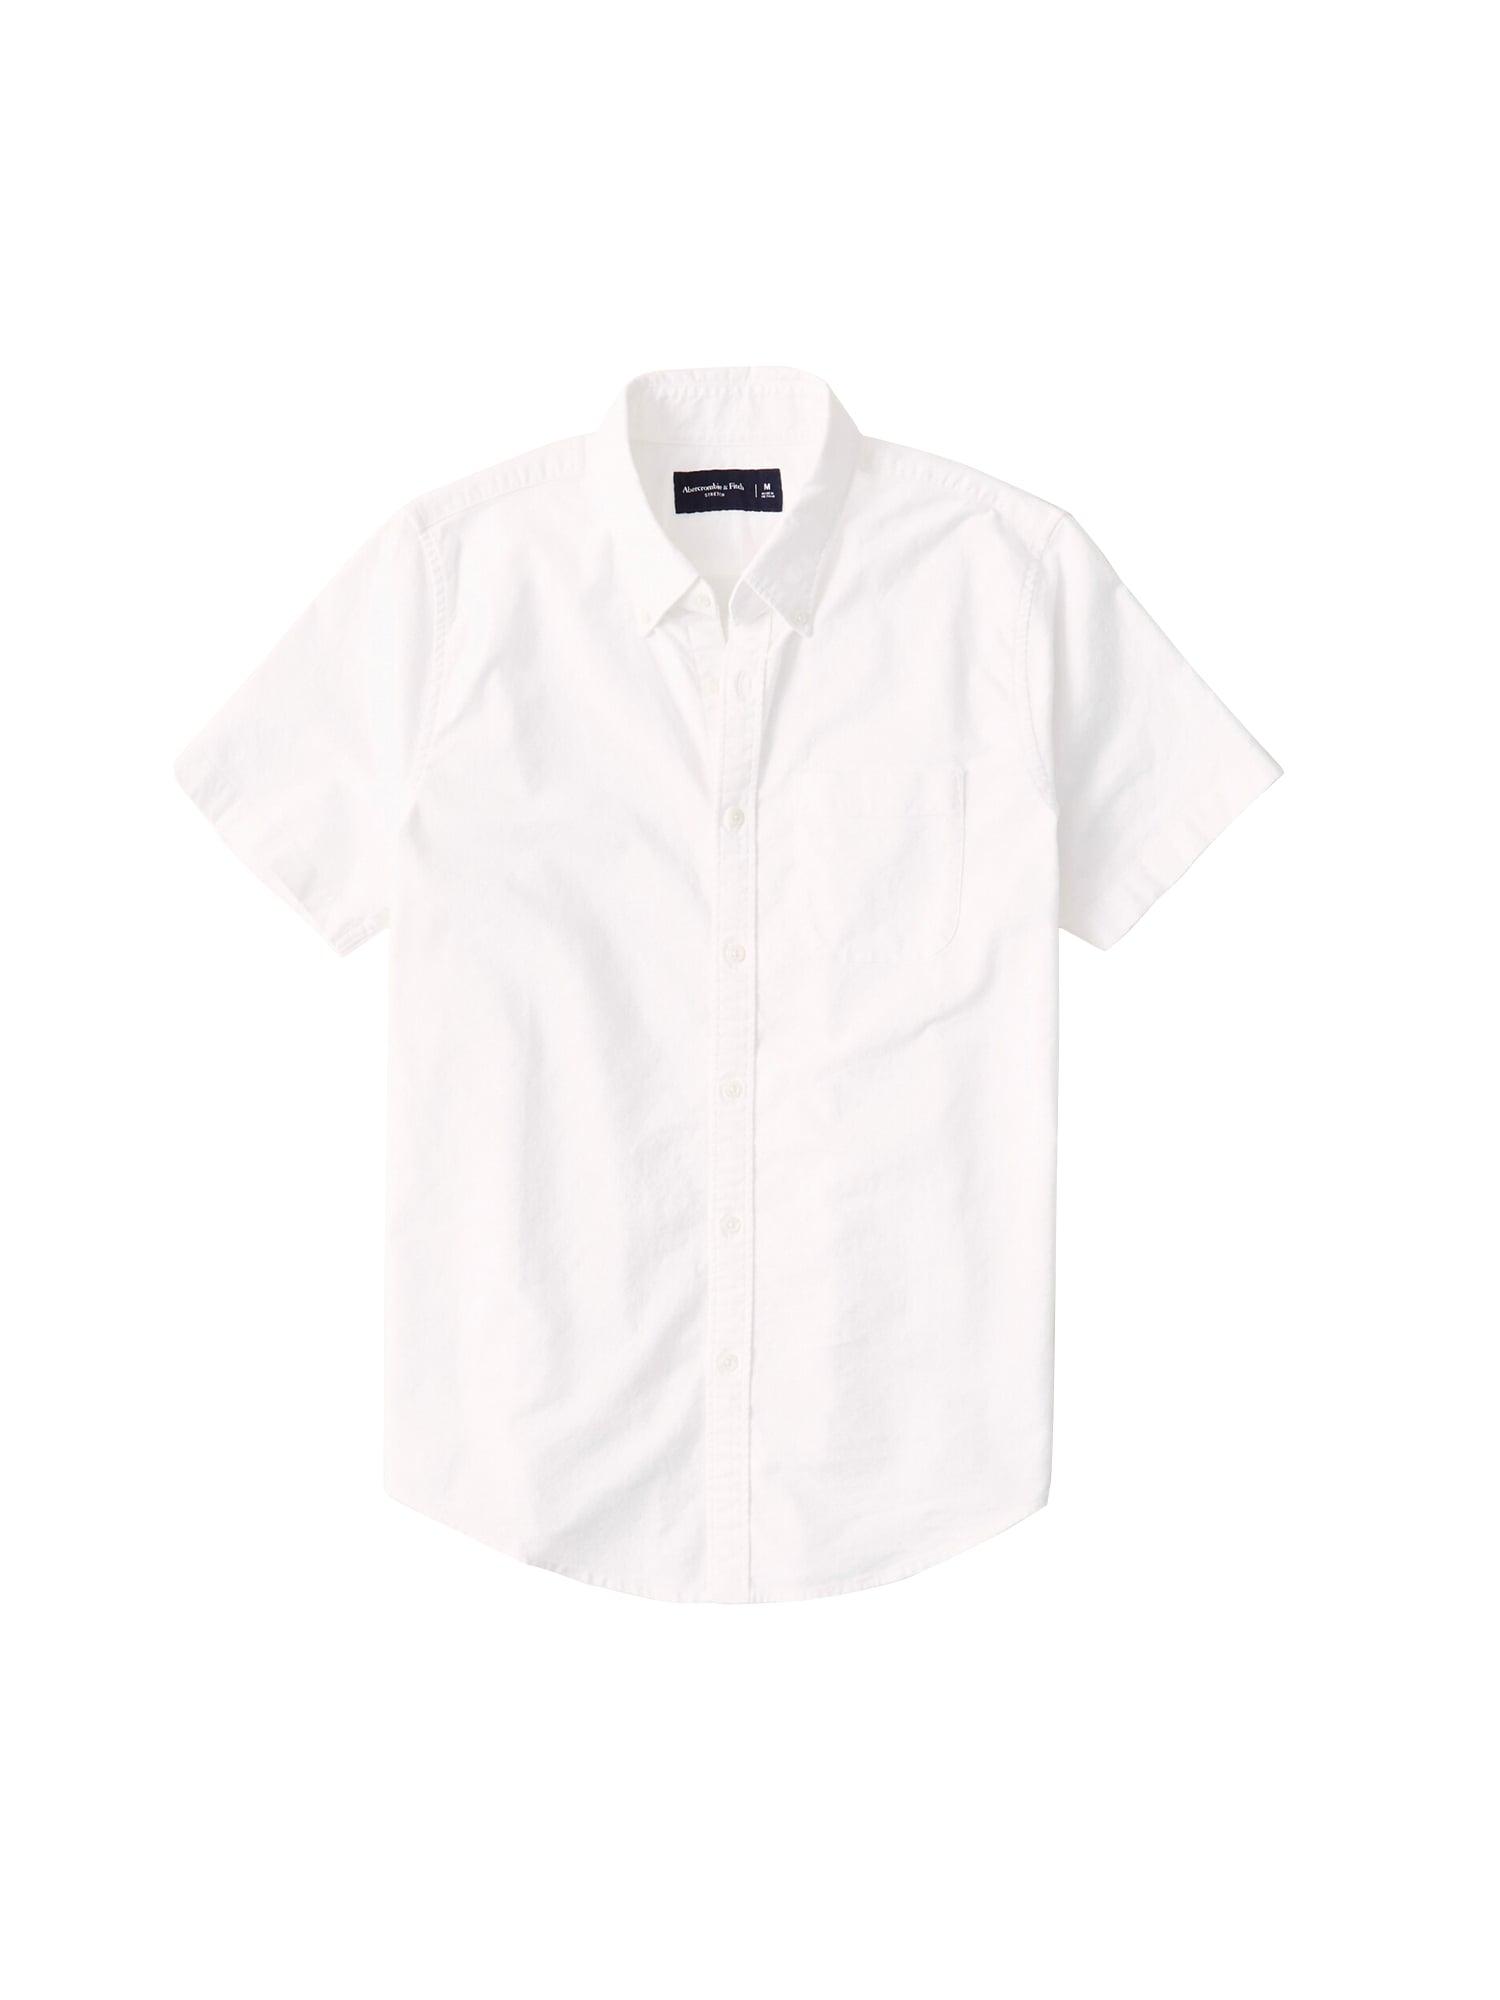 Abercrombie & Fitch Dalykiniai marškiniai balta